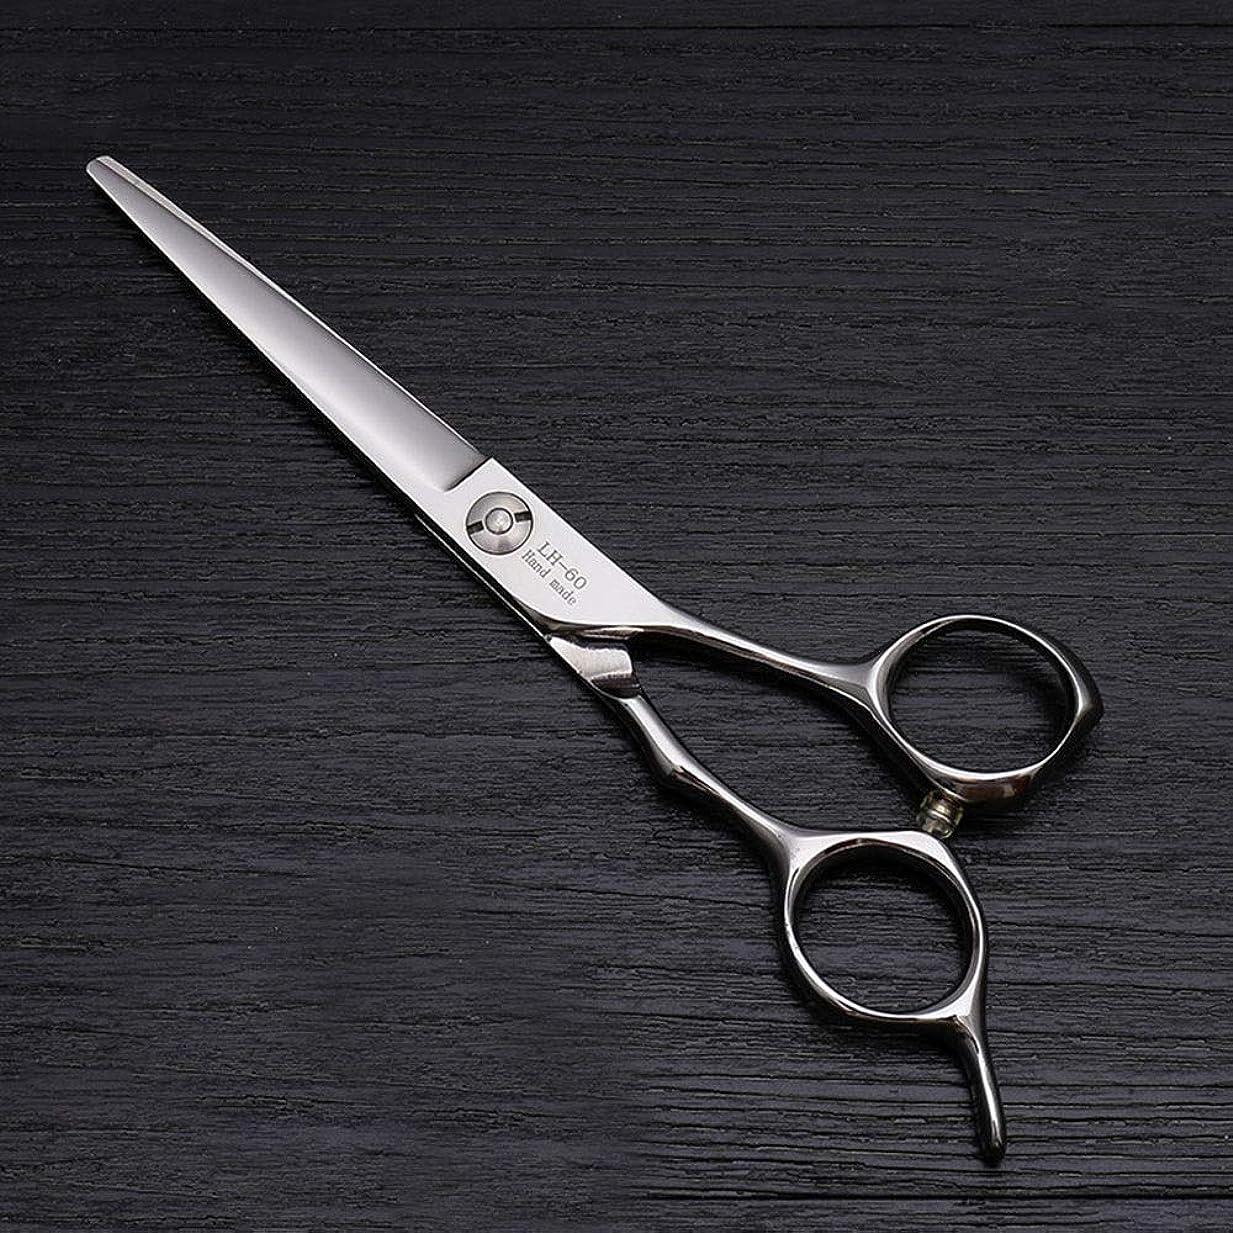 デイジー報告書すぐに6インチヘアカットフラットせん断、440高品質スチールハイエンドヘアスタイリスト特別理髪はさみ ヘアケア (色 : Silver)